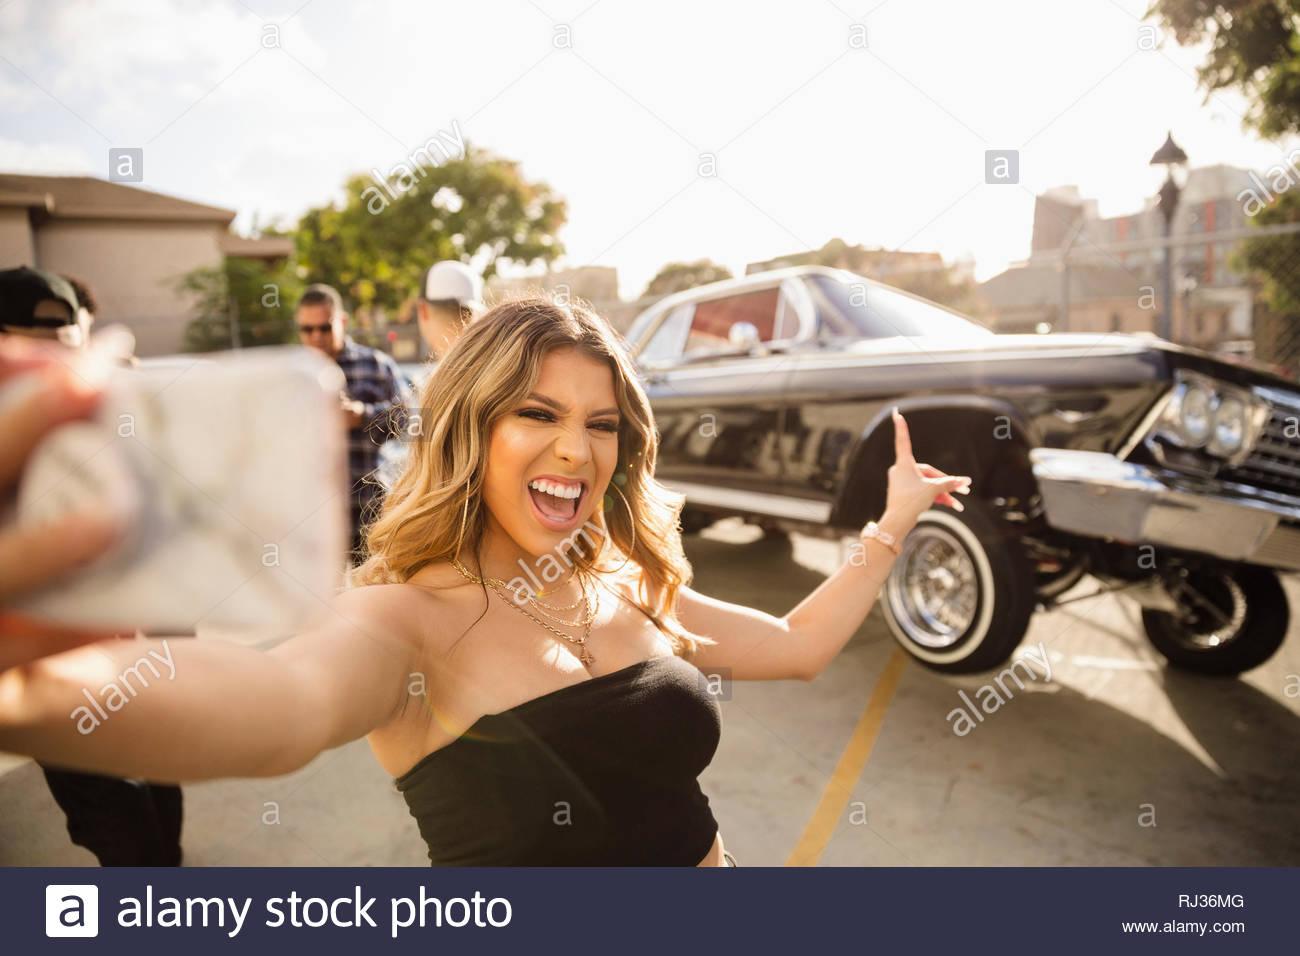 Selbstbewusst, begeisterte junge Frau, Latinx selfie vor Low Rider Auto springen in Parkplatz Stockbild